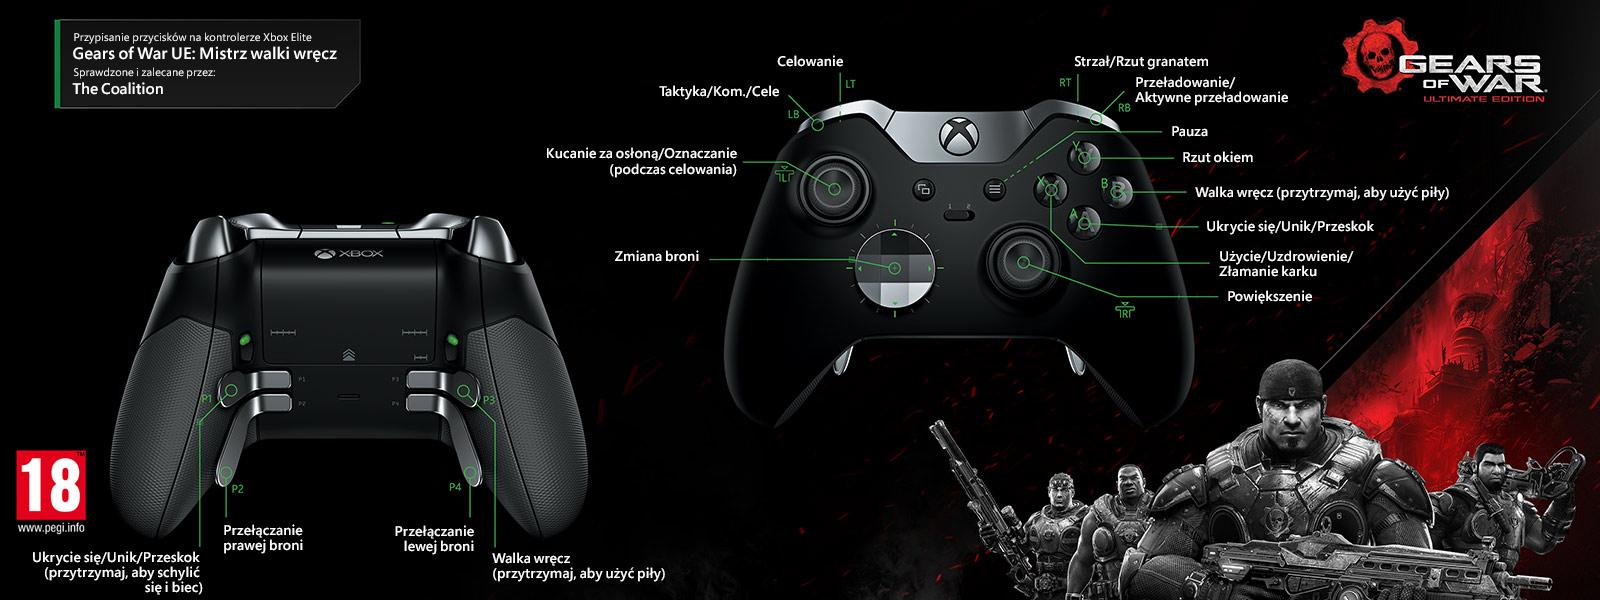 Gears of Wars: Ultimate Edition – mapowanie Elite pod kątem wieloosobowego trybu walki